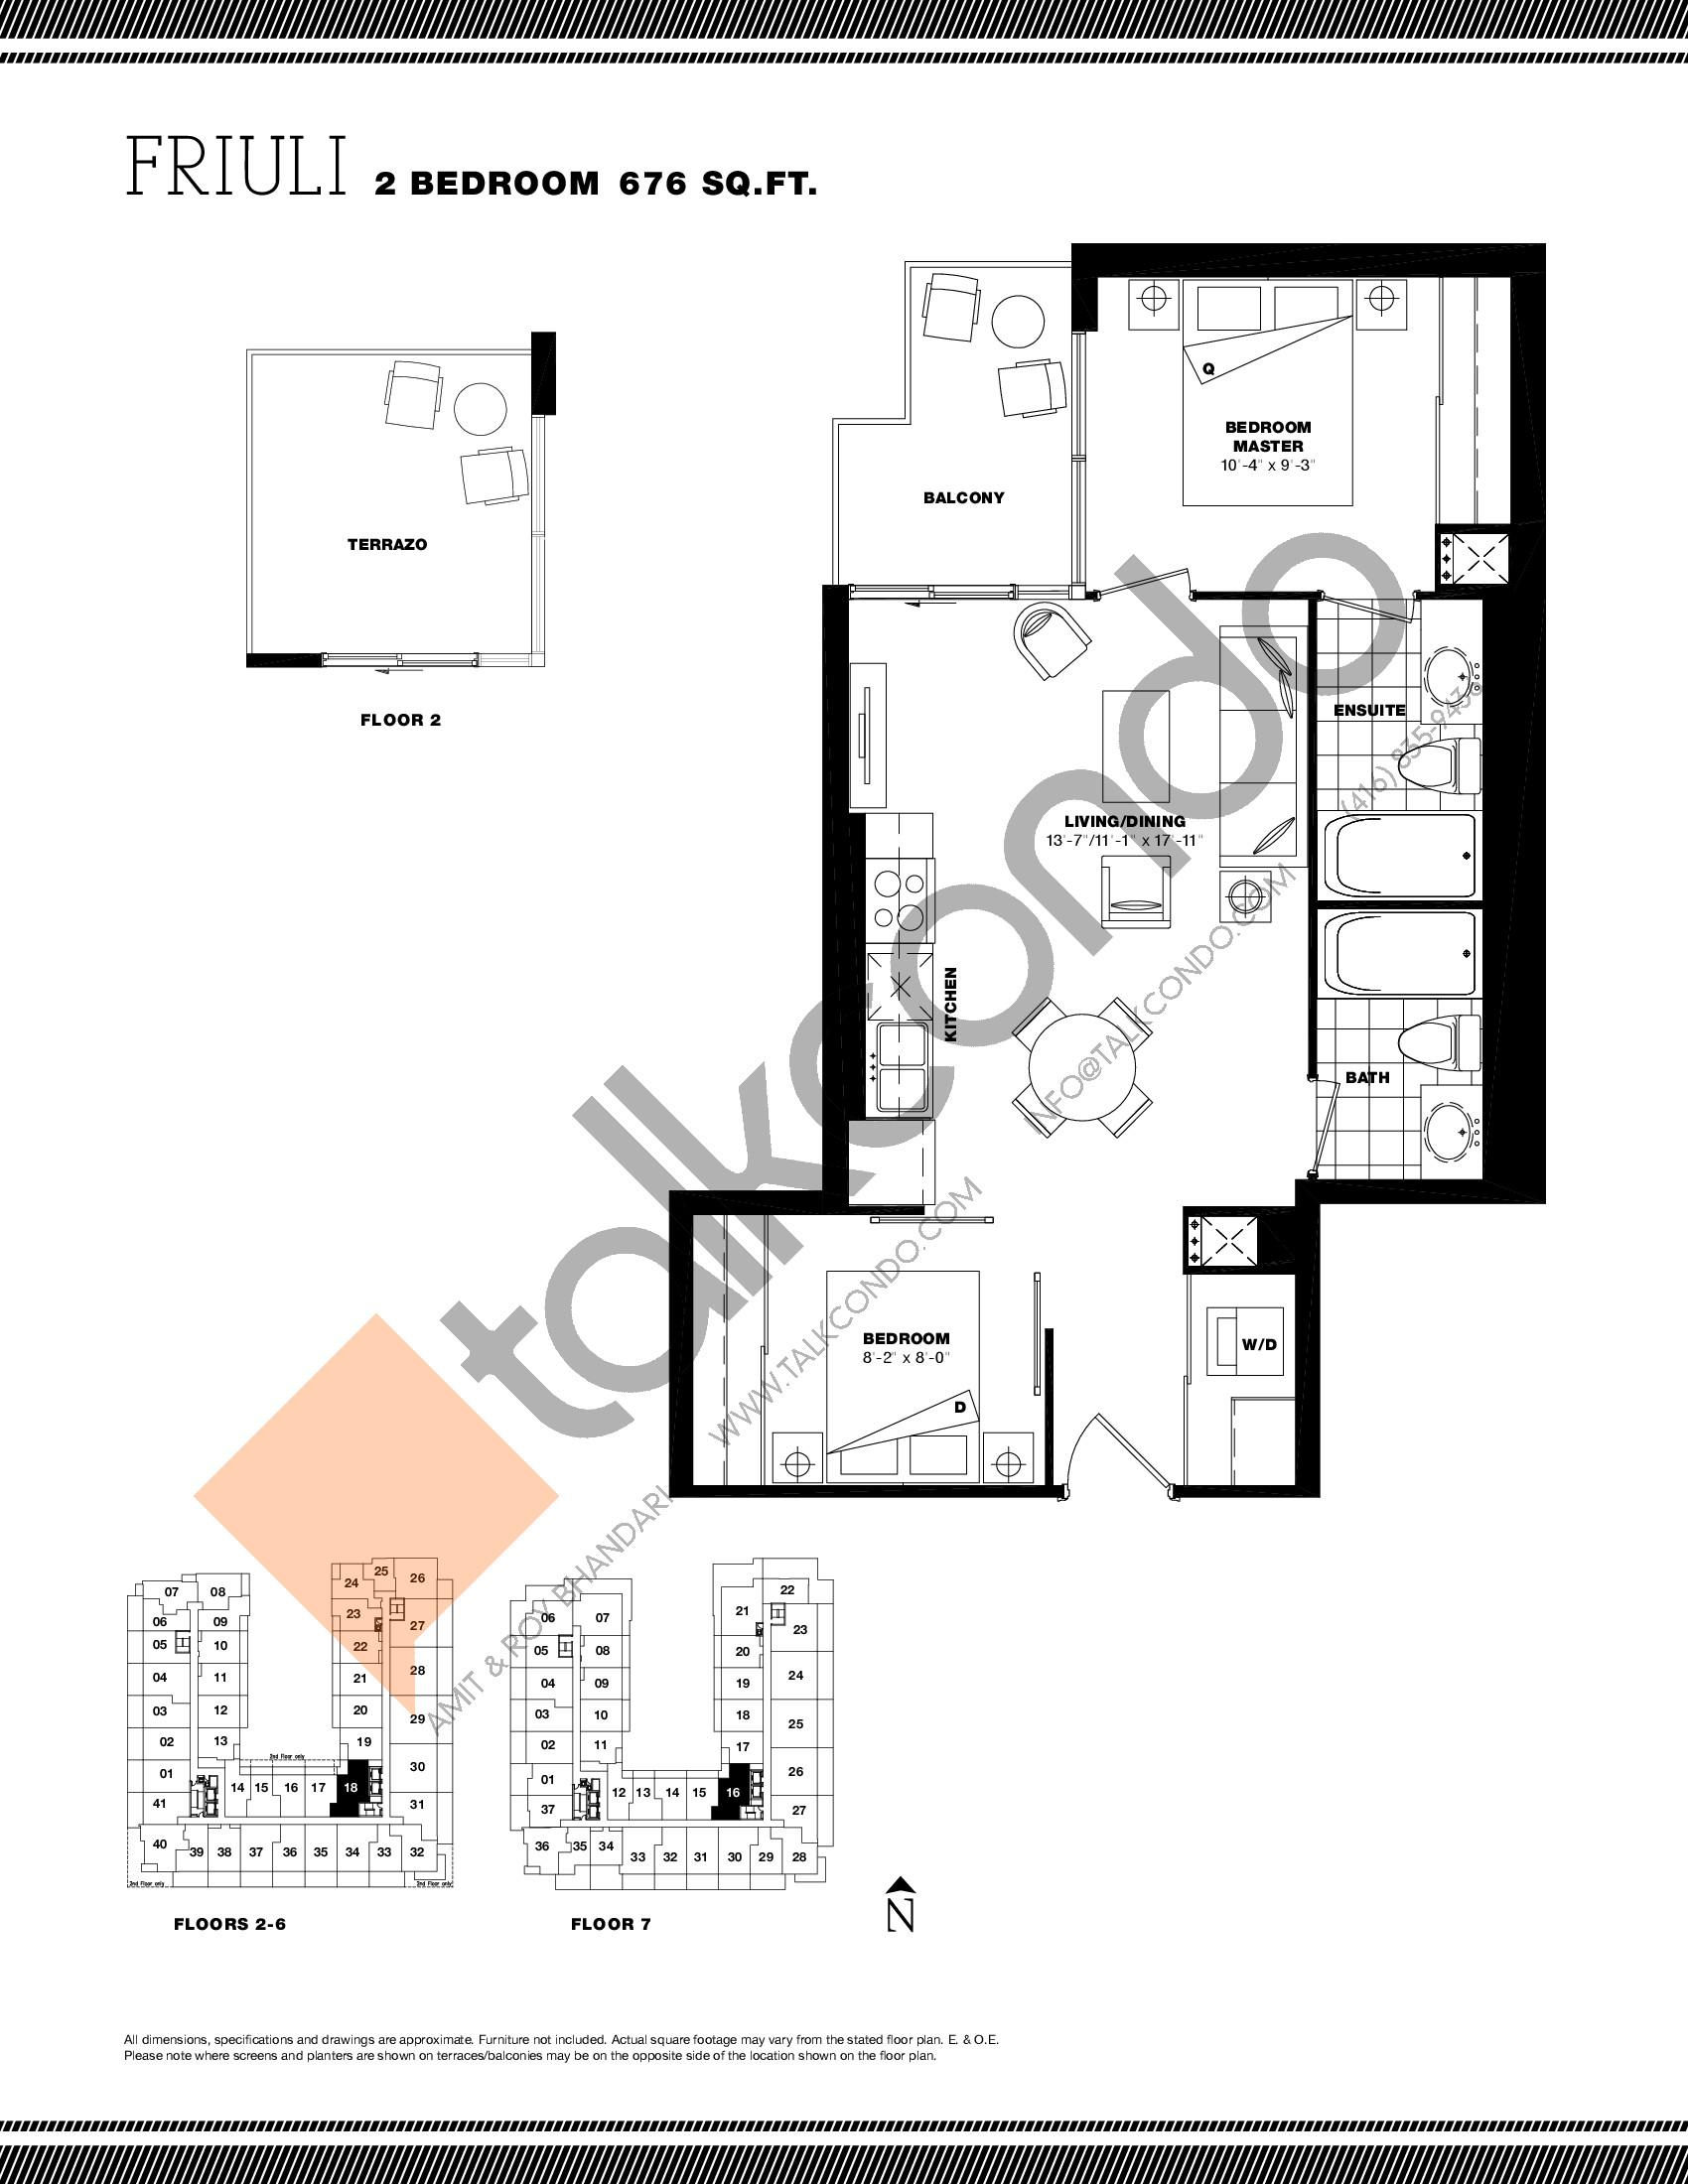 Friuli Floor Plan at Residenze Palazzo at Treviso 3 Condos - 676 sq.ft